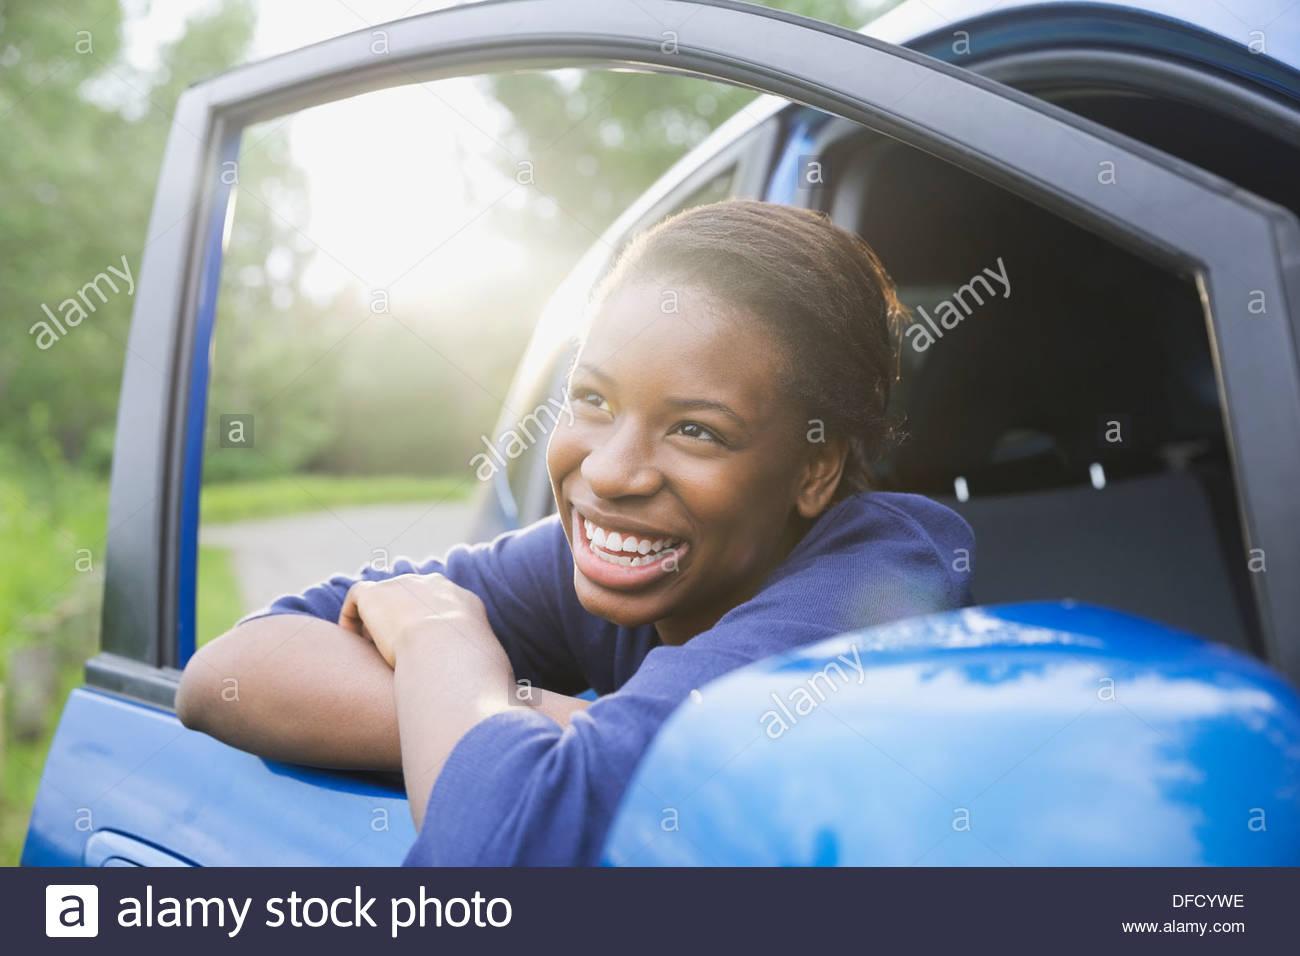 Fröhliche Teenager-Mädchen, stützte sich auf Autotür Stockbild